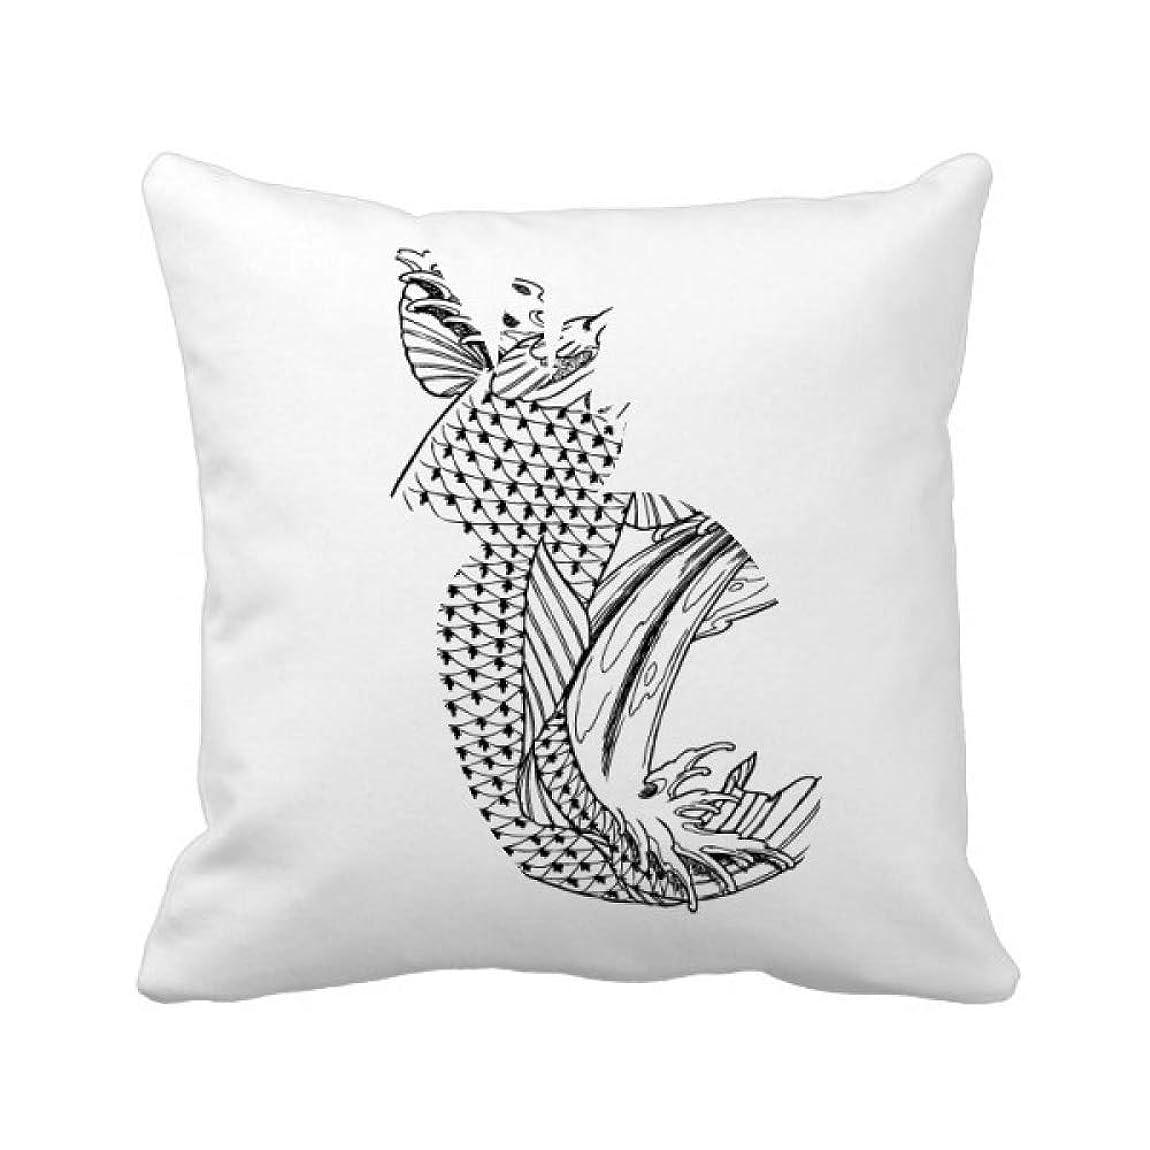 ファブリックマウント怠魚の遊泳する高速希望運 パイナップル枕カバー正方形を投げる 50cm x 50cm